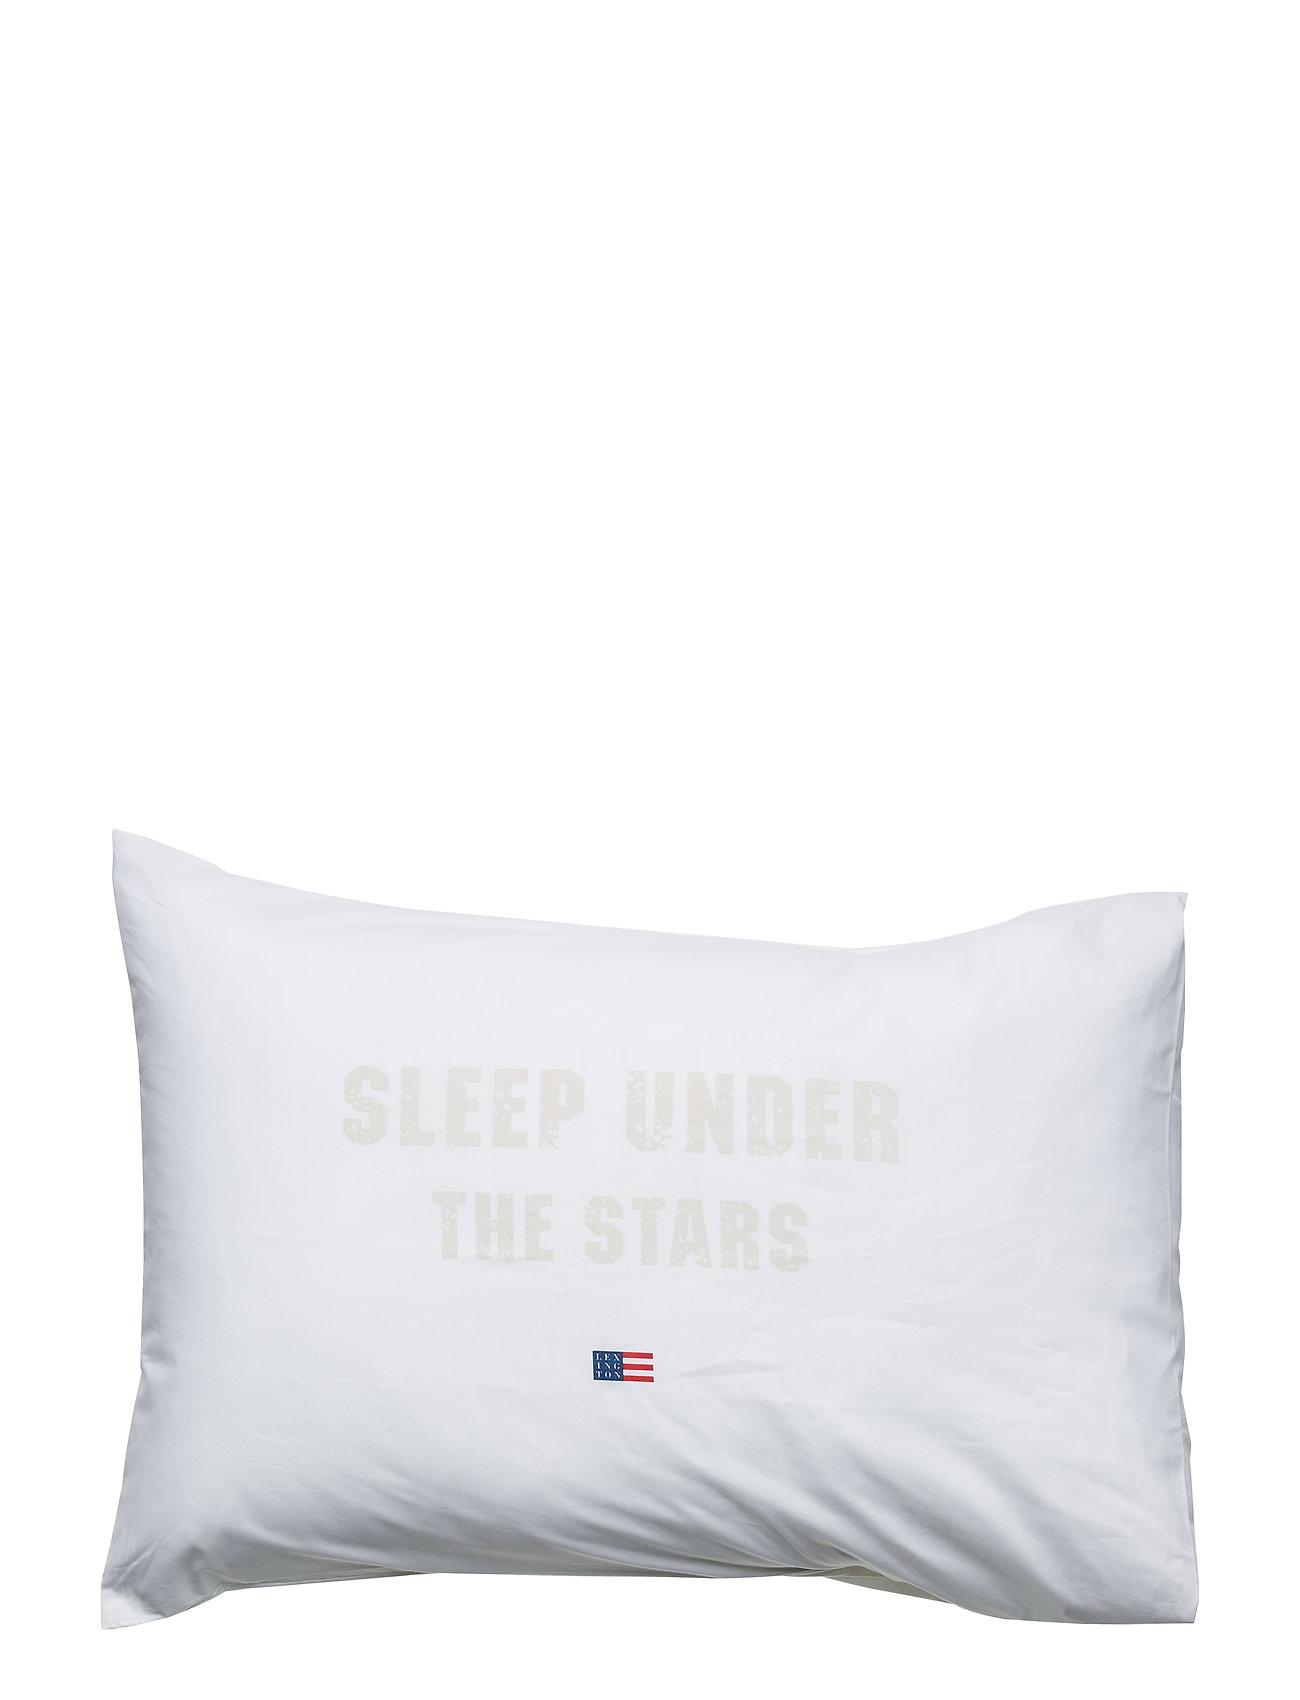 Lexington Home Printed Pillowcase - WHITE